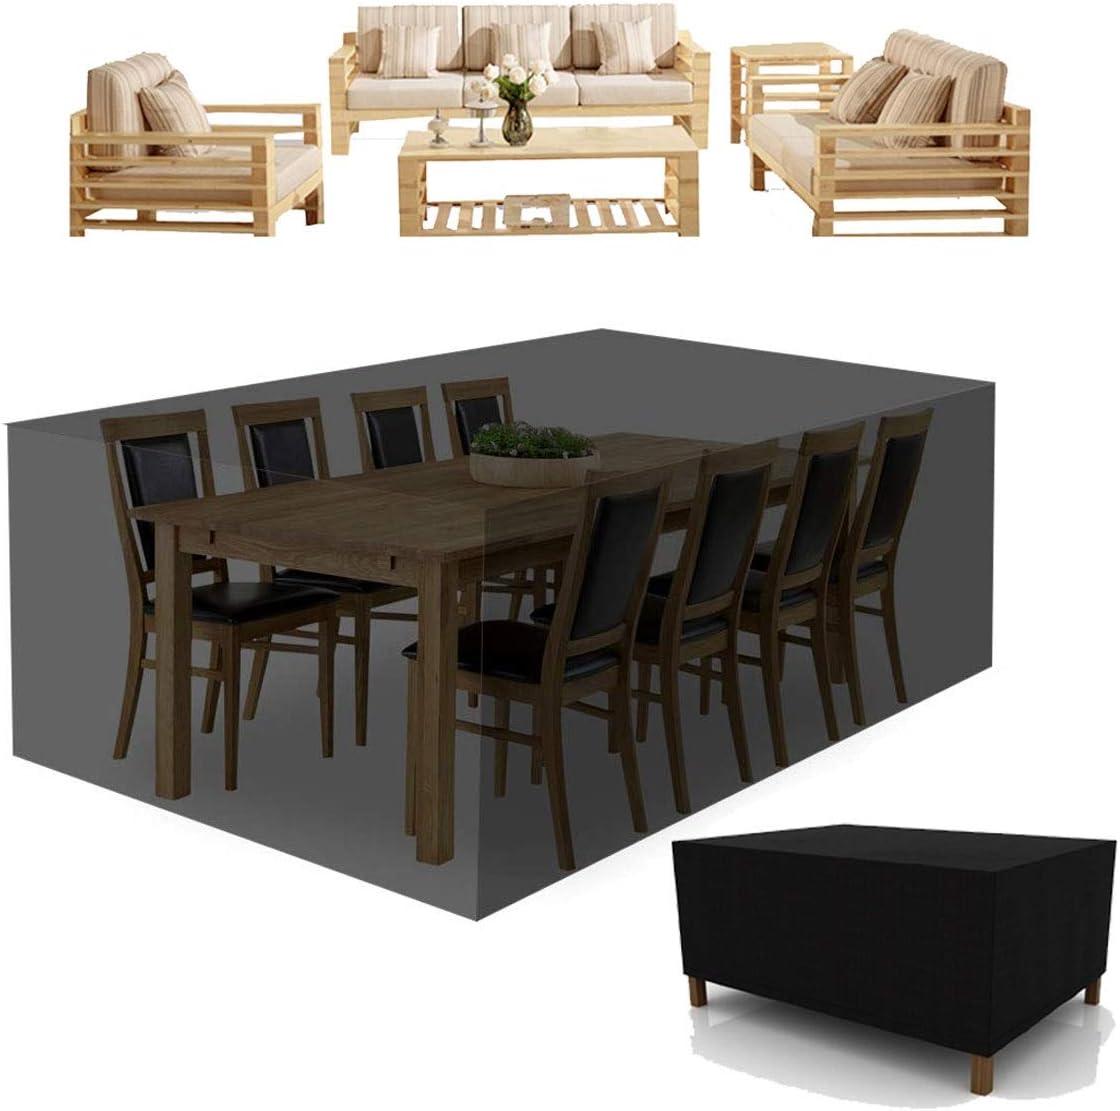 Outdoor Garden Furniture Cover, Tarpaulin Dustproof Outdoor Table